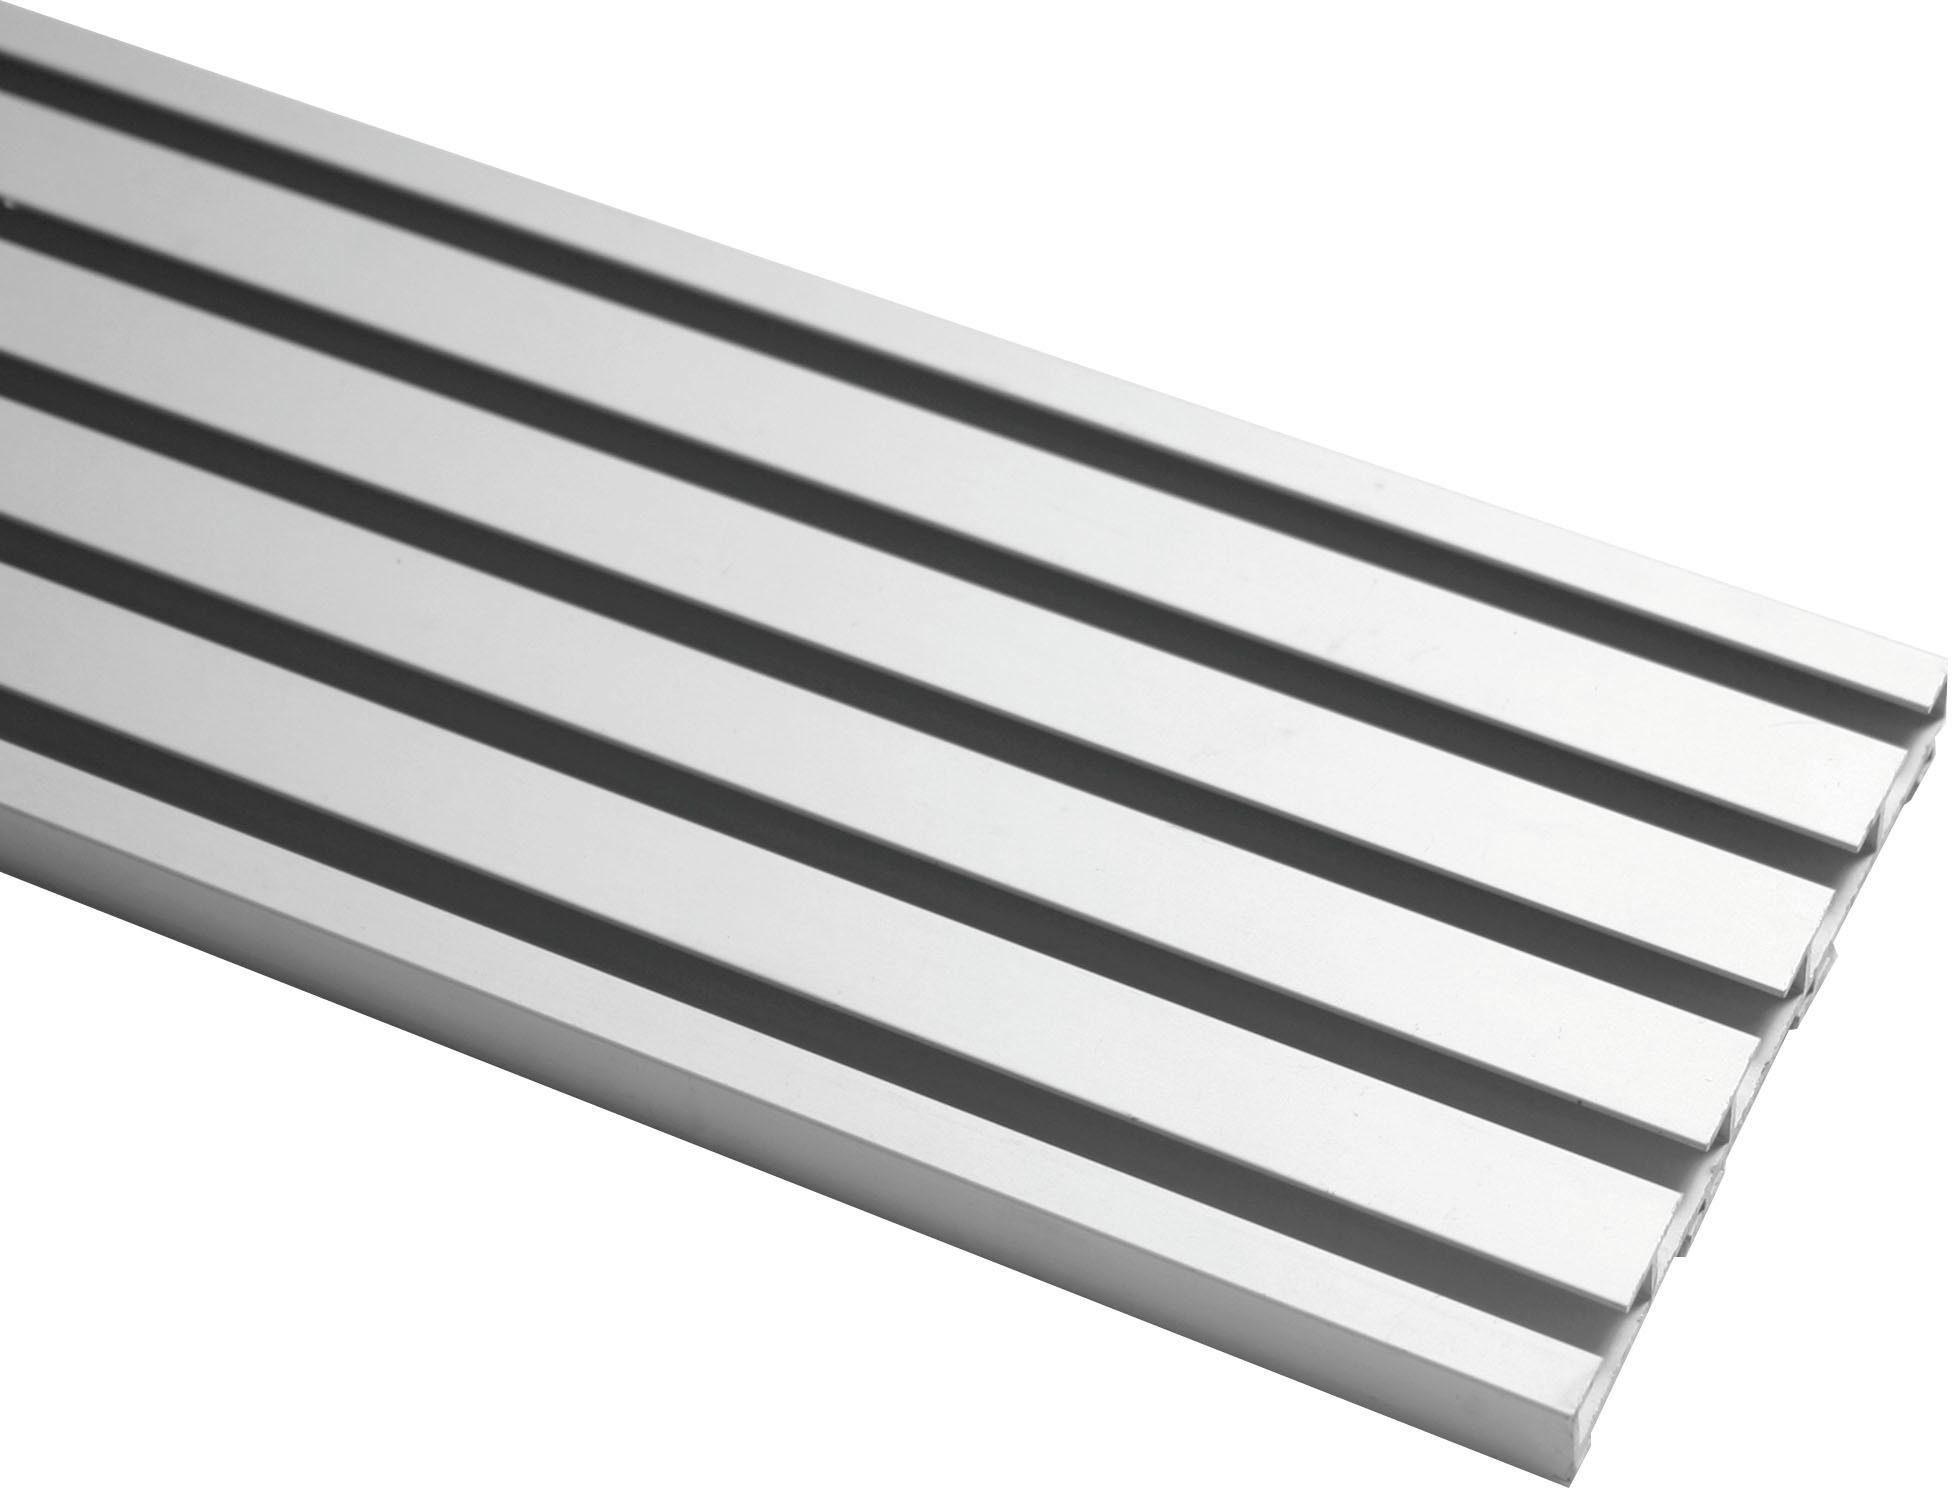 Siemens Kühlschrank Schiene Einsetzen : Gardinenschiene preisvergleich u die besten angebote online kaufen